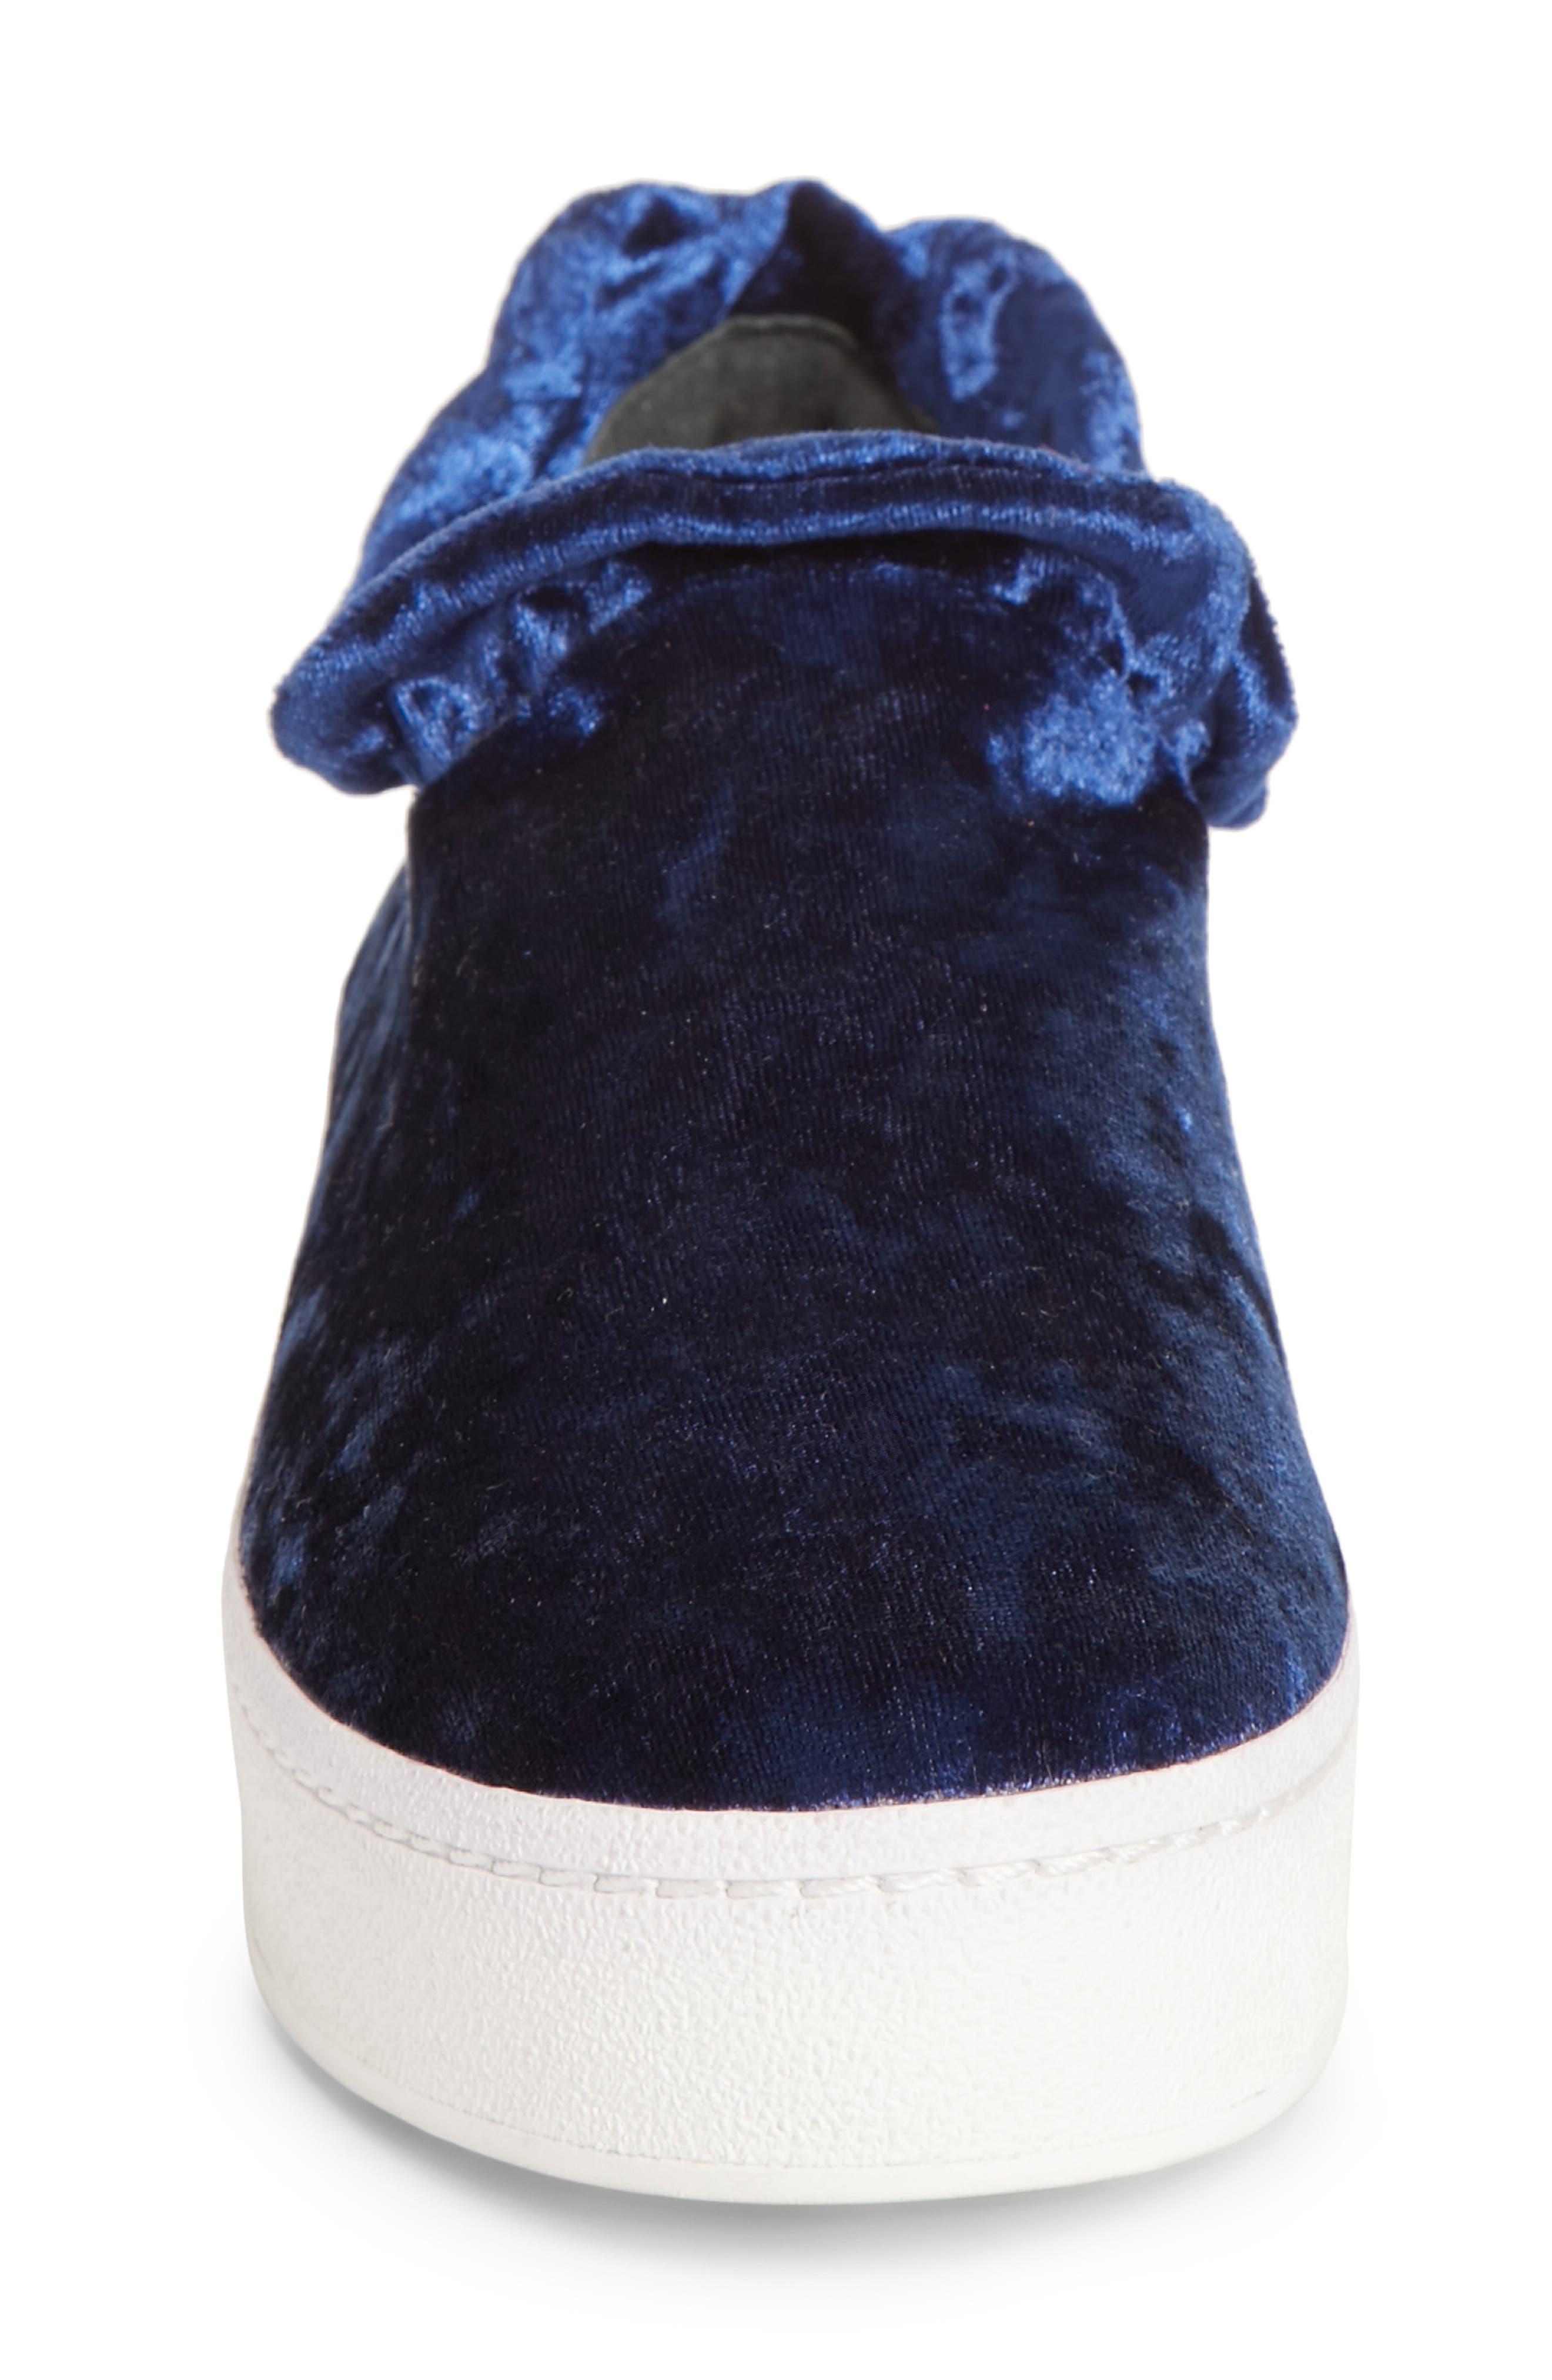 Cici Velvet Ruffle Slip-On Sneaker,                             Alternate thumbnail 4, color,                             Eclipse